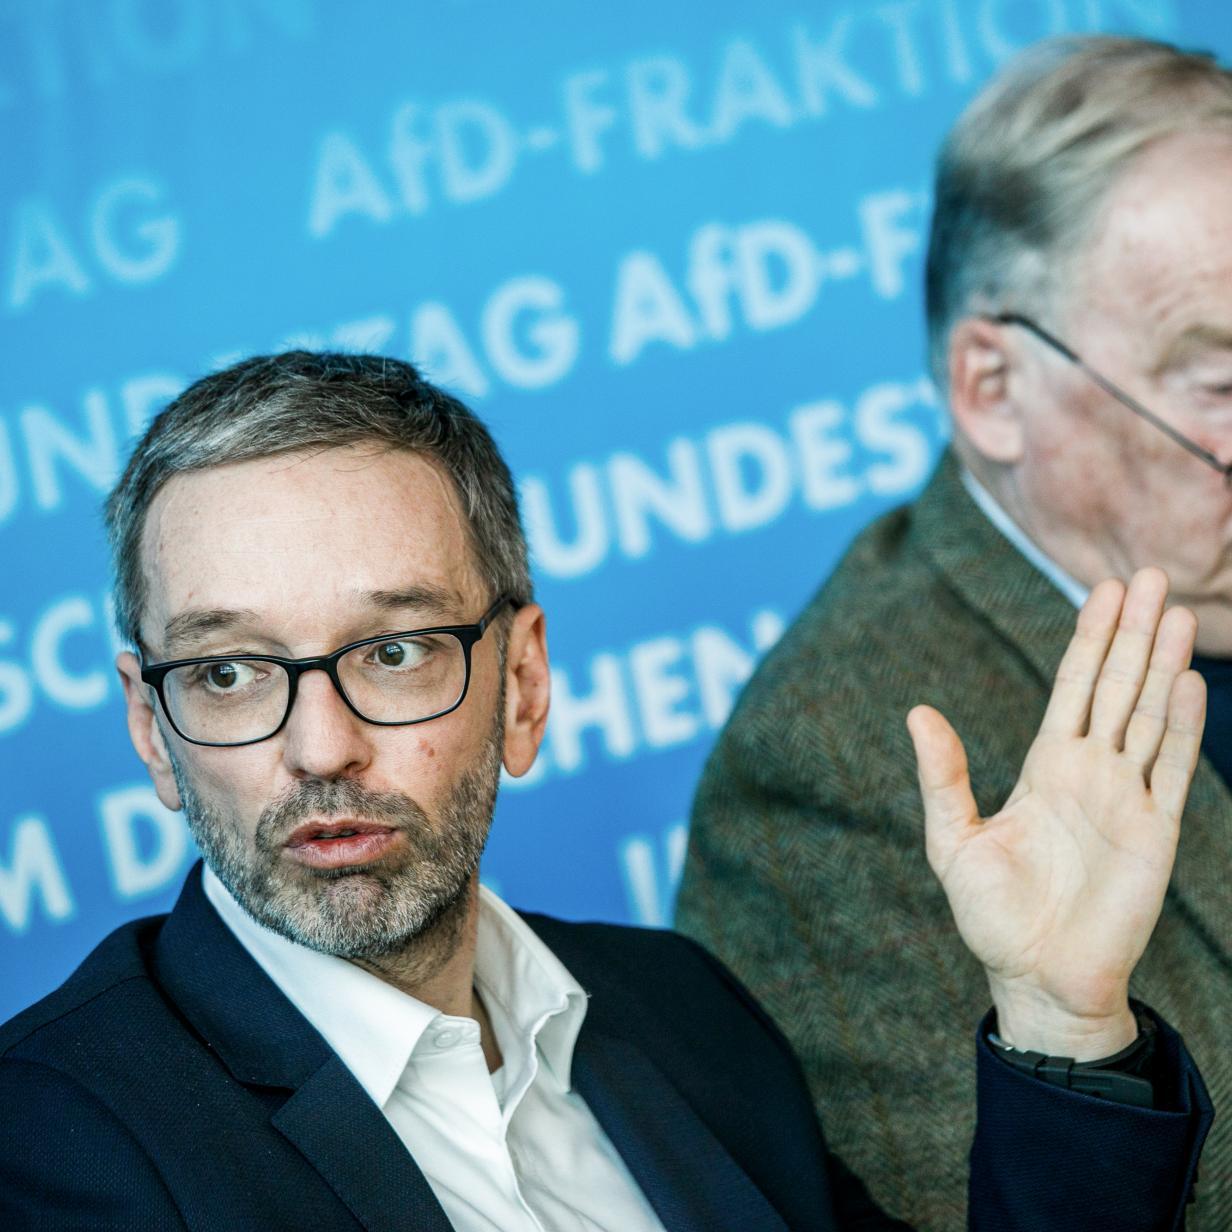 Rumoren in der FPÖ nach Kickls AfD-Stippvisite